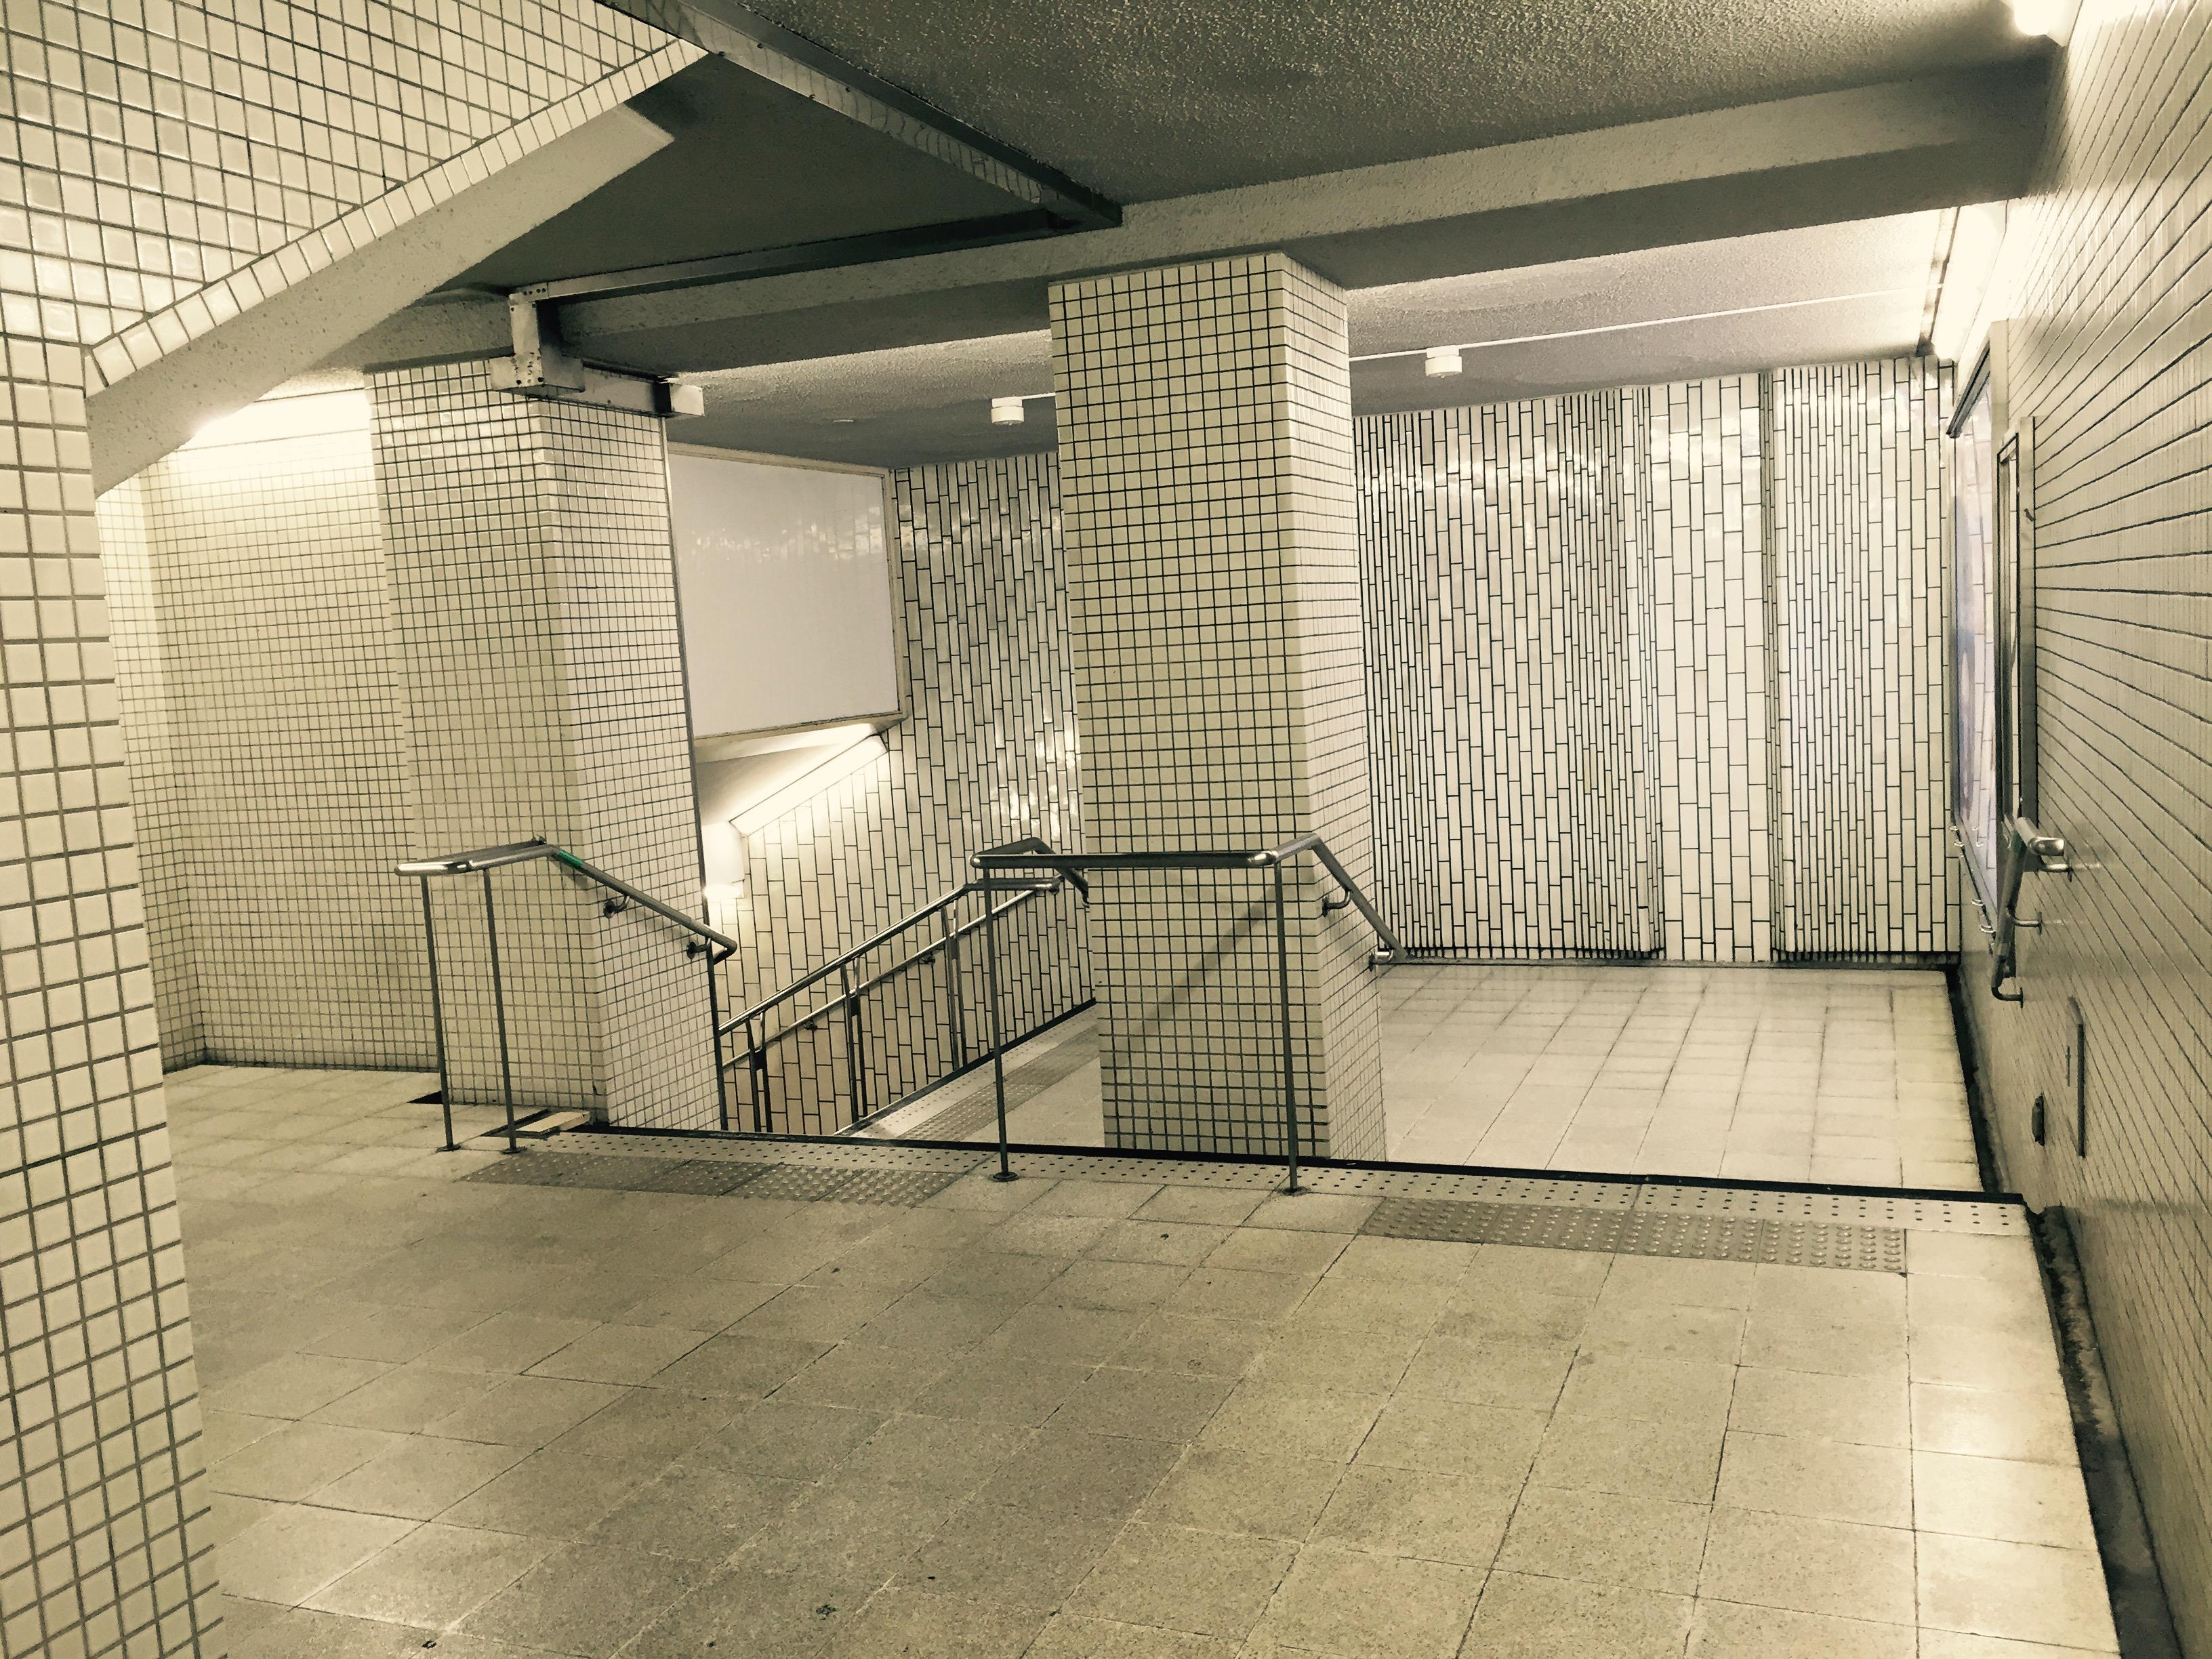 U-Bahnstation in Sennichimae auf dem Weg zum Abendessen, beklemmend leer, so gestört leer